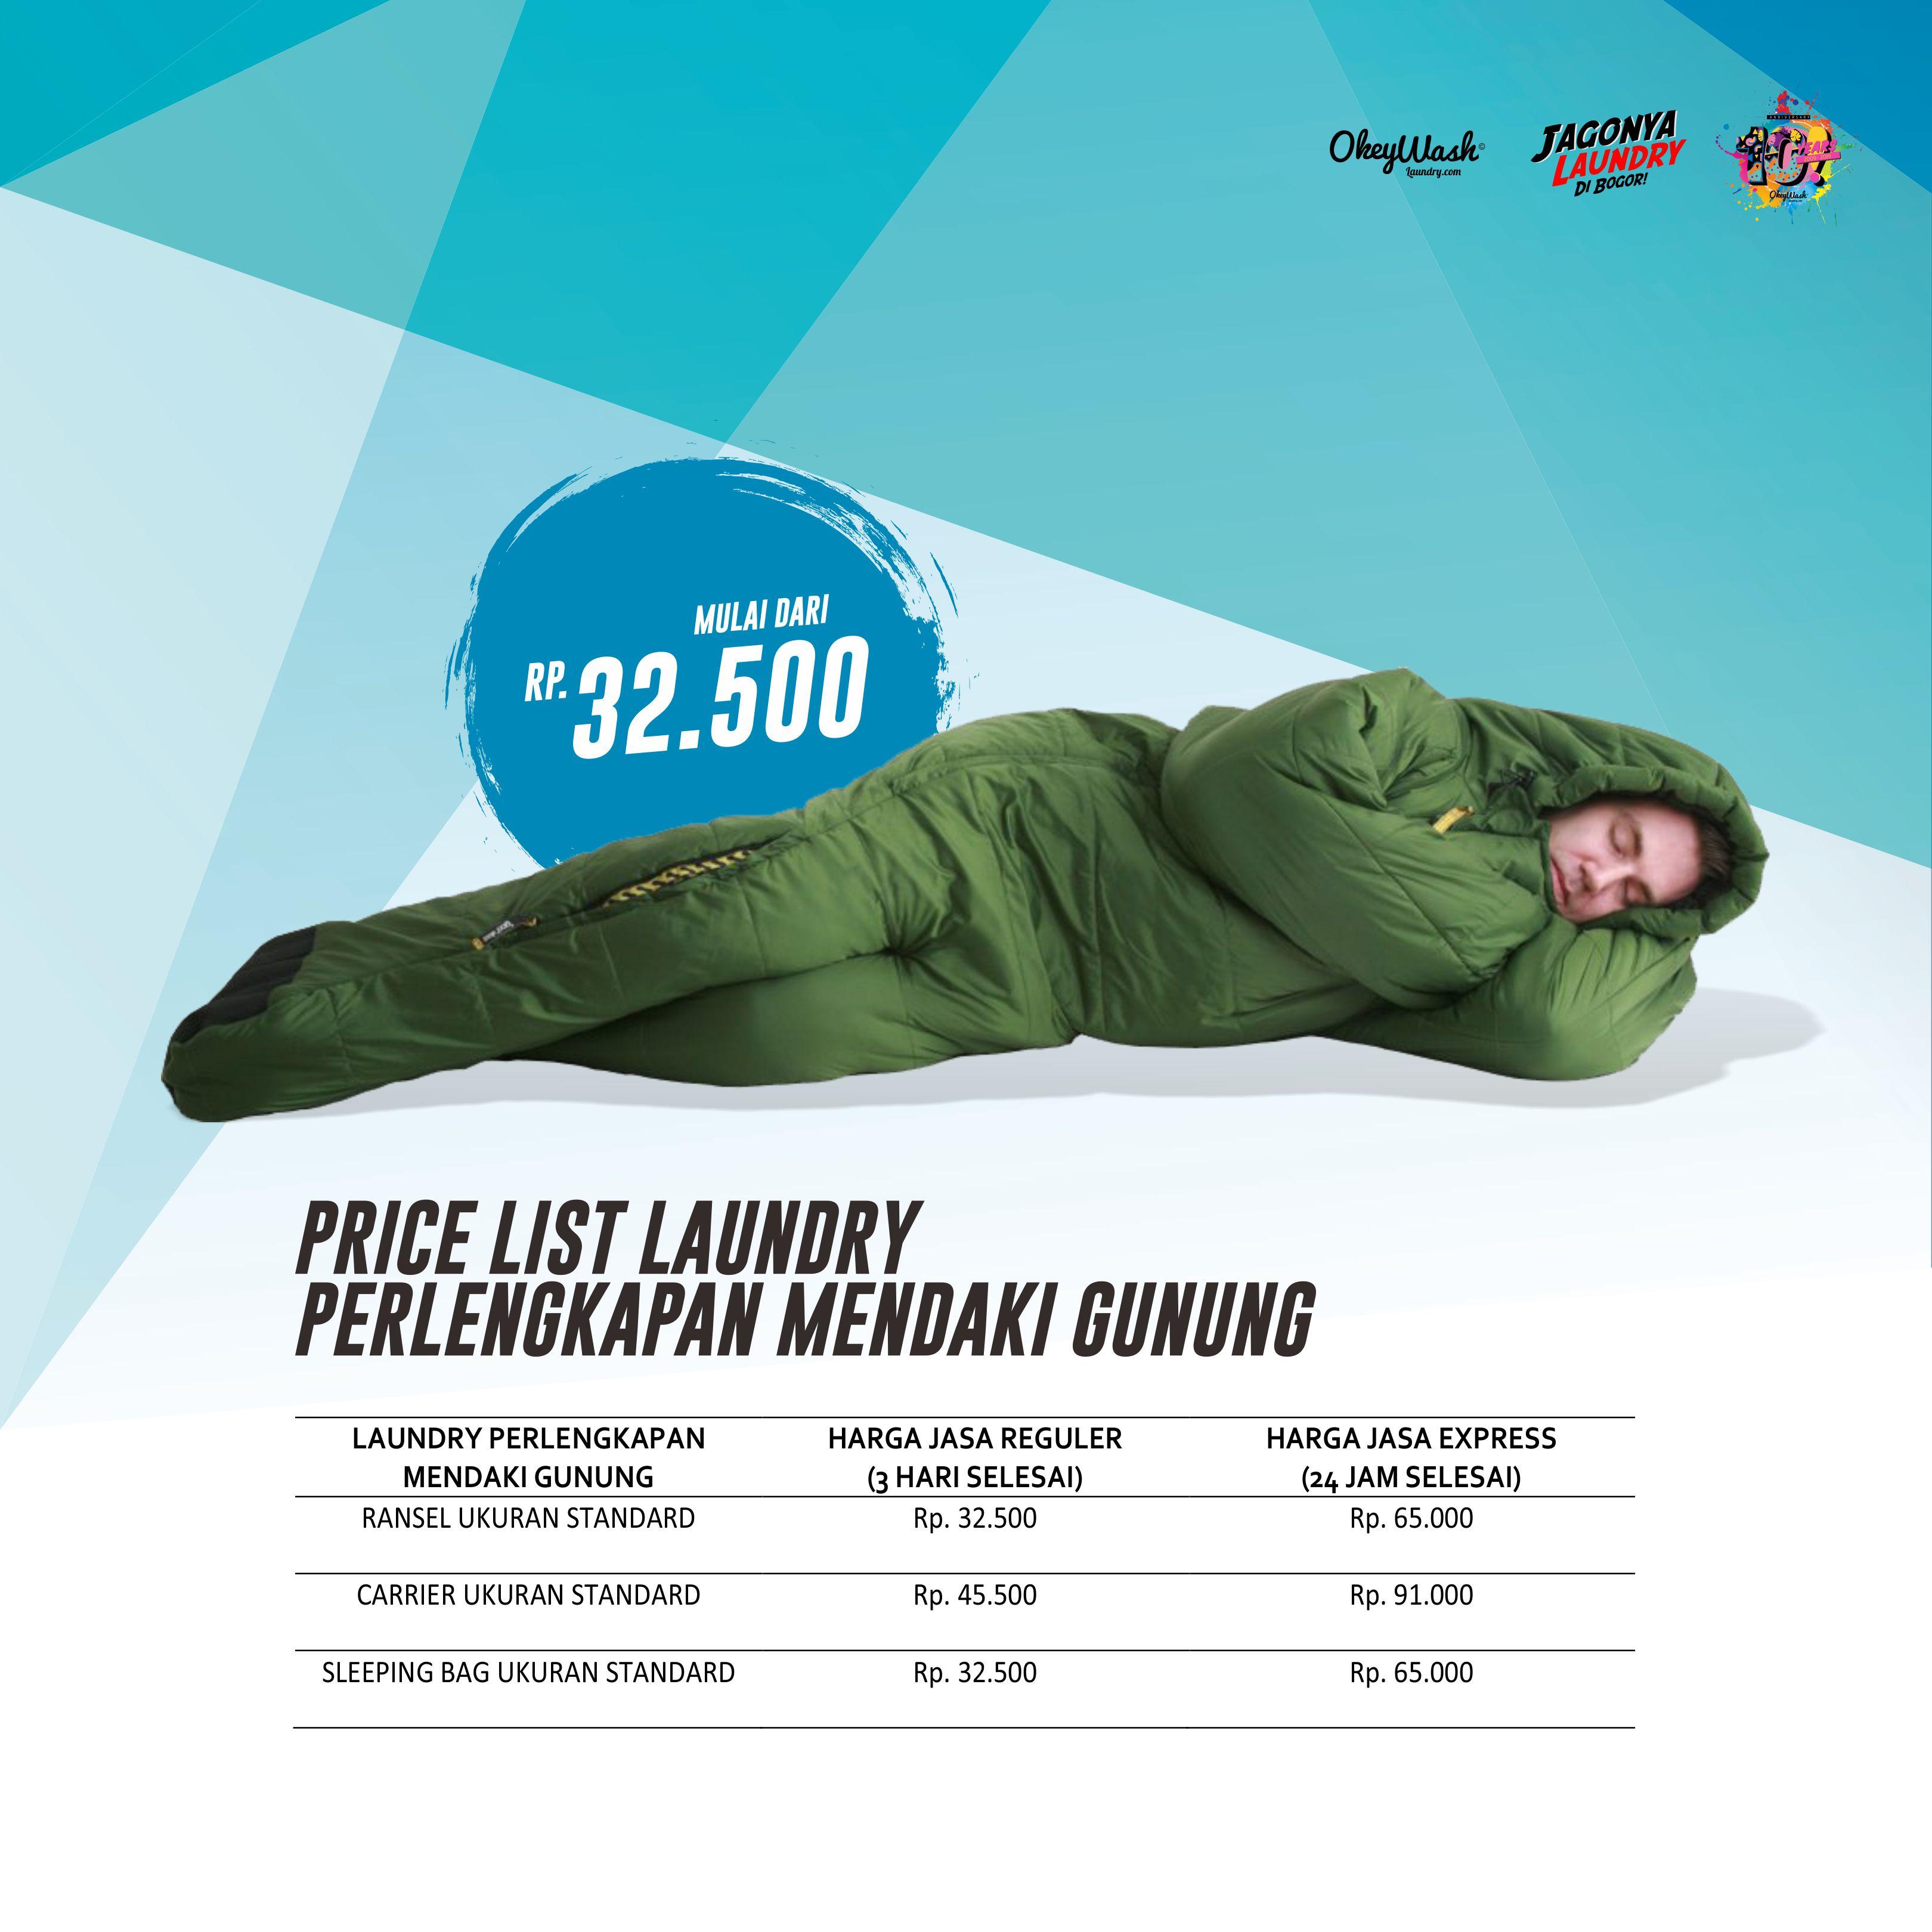 Price List Okey Wash Laundry 2019 - Laundry Perlengkapan Mendaki Gunung